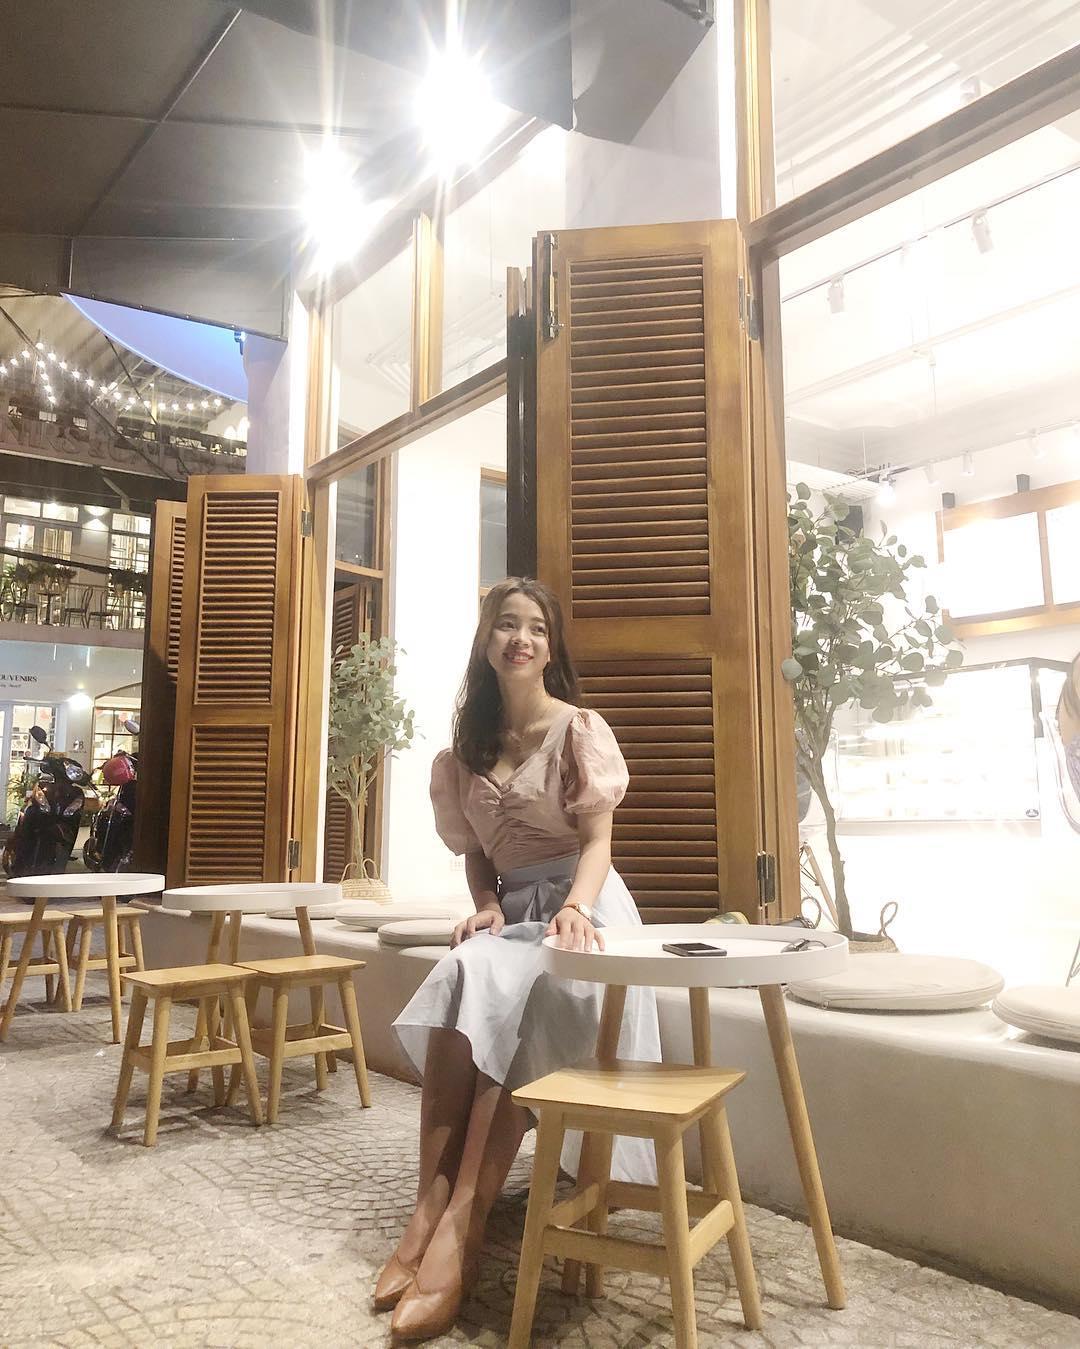 """Photo of """"Chỉ đích danh"""" 5 nhà nghỉ giá rẻ ở Đà Nẵng an toàn, chất lượng nhất"""